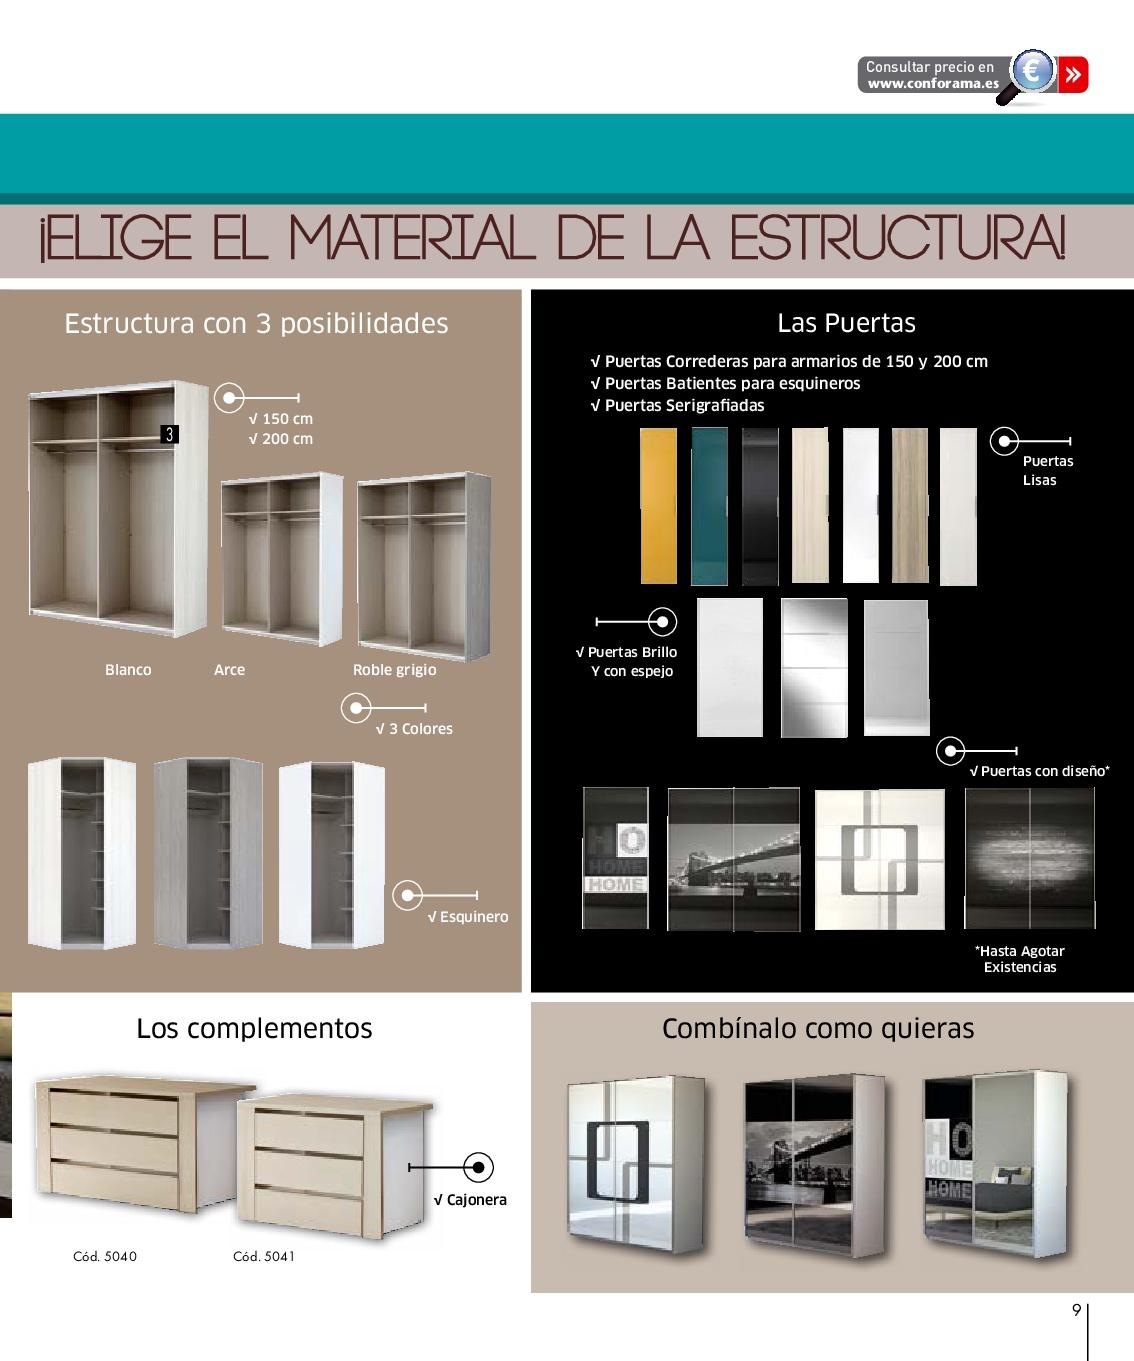 Muebles bano conforama 20170829062721 - Catalogo armarios conforama ...